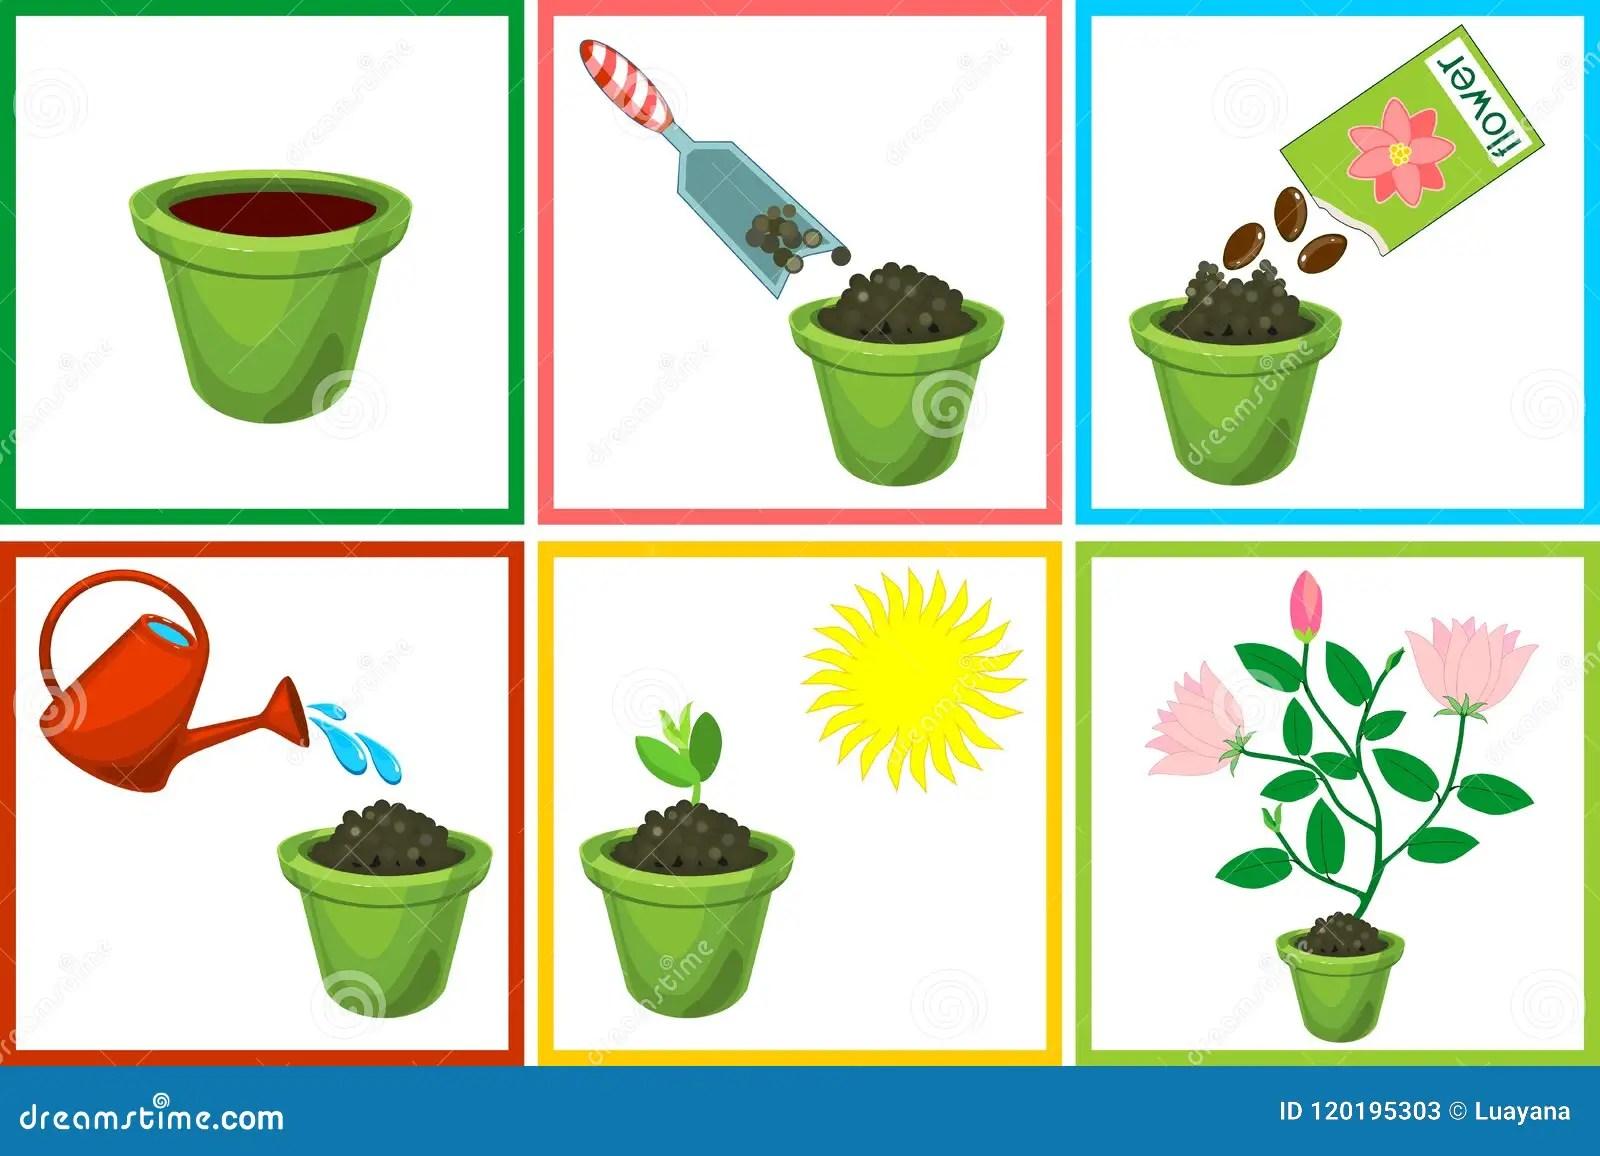 Istruzioni Su Come Piantare Fiore A Sei Punti Per Gradi